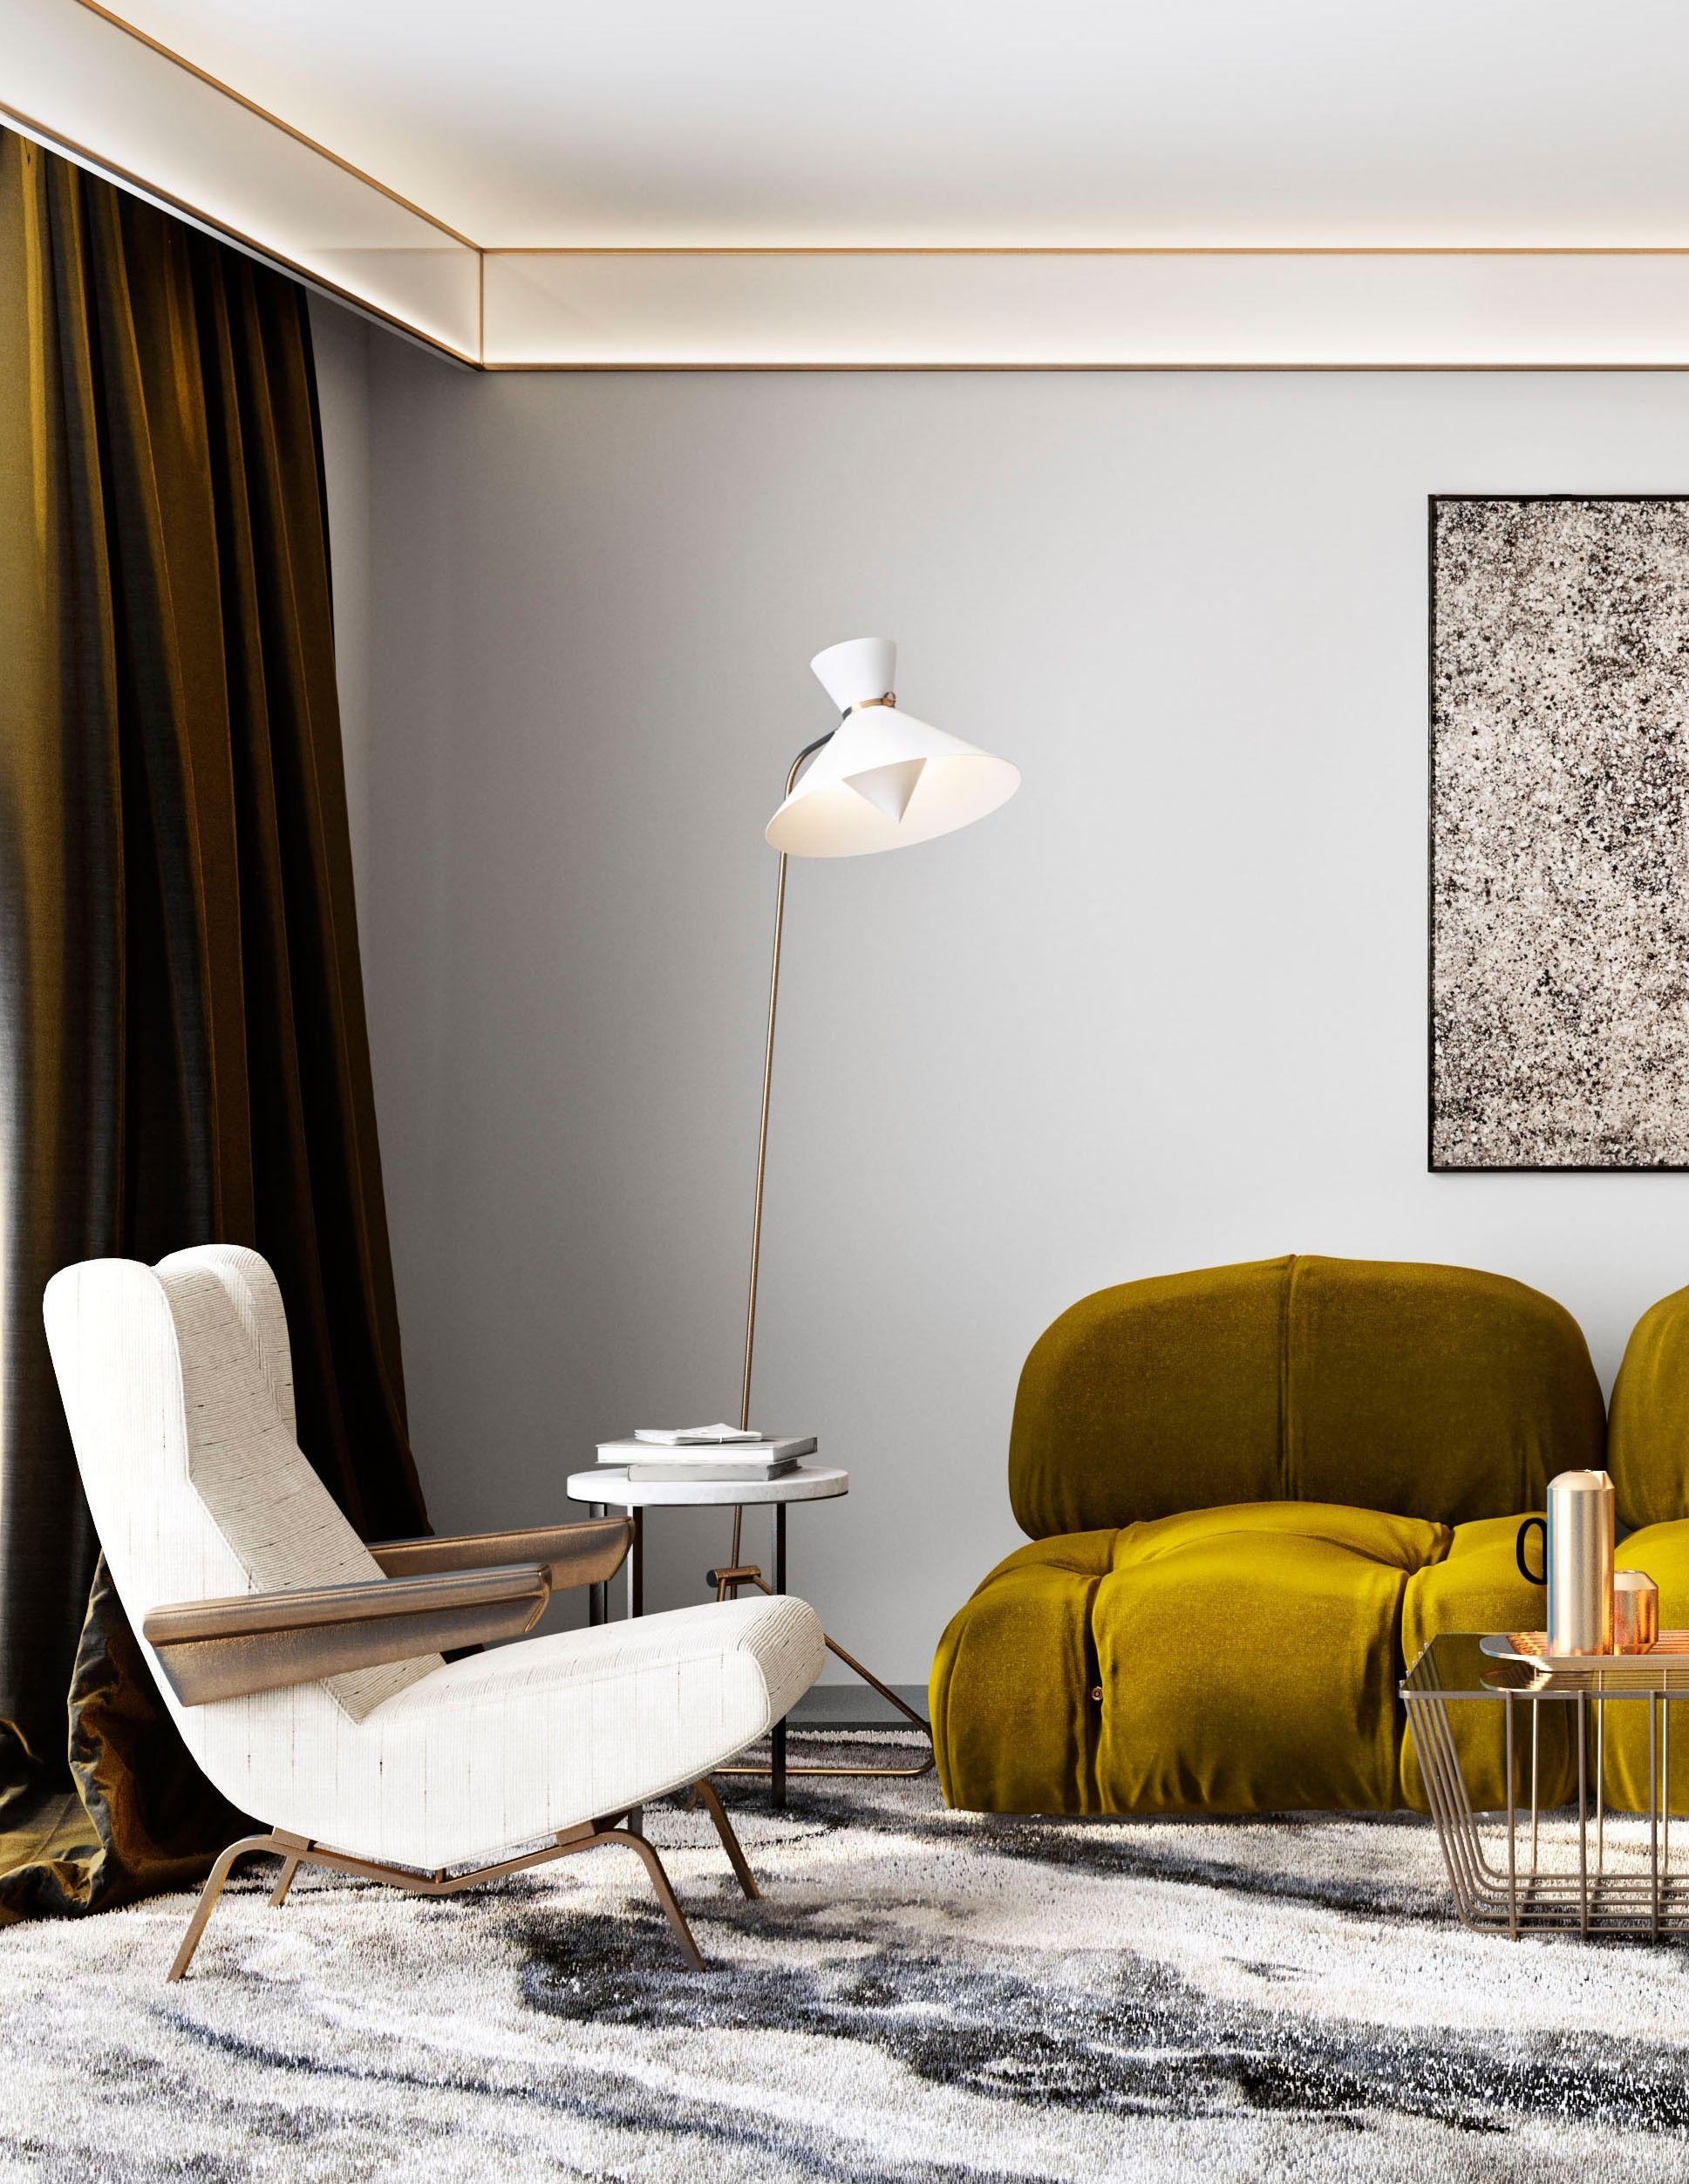 Mossy Green Chic Sofa And Draperies Green Decor Interior Design Home Decor